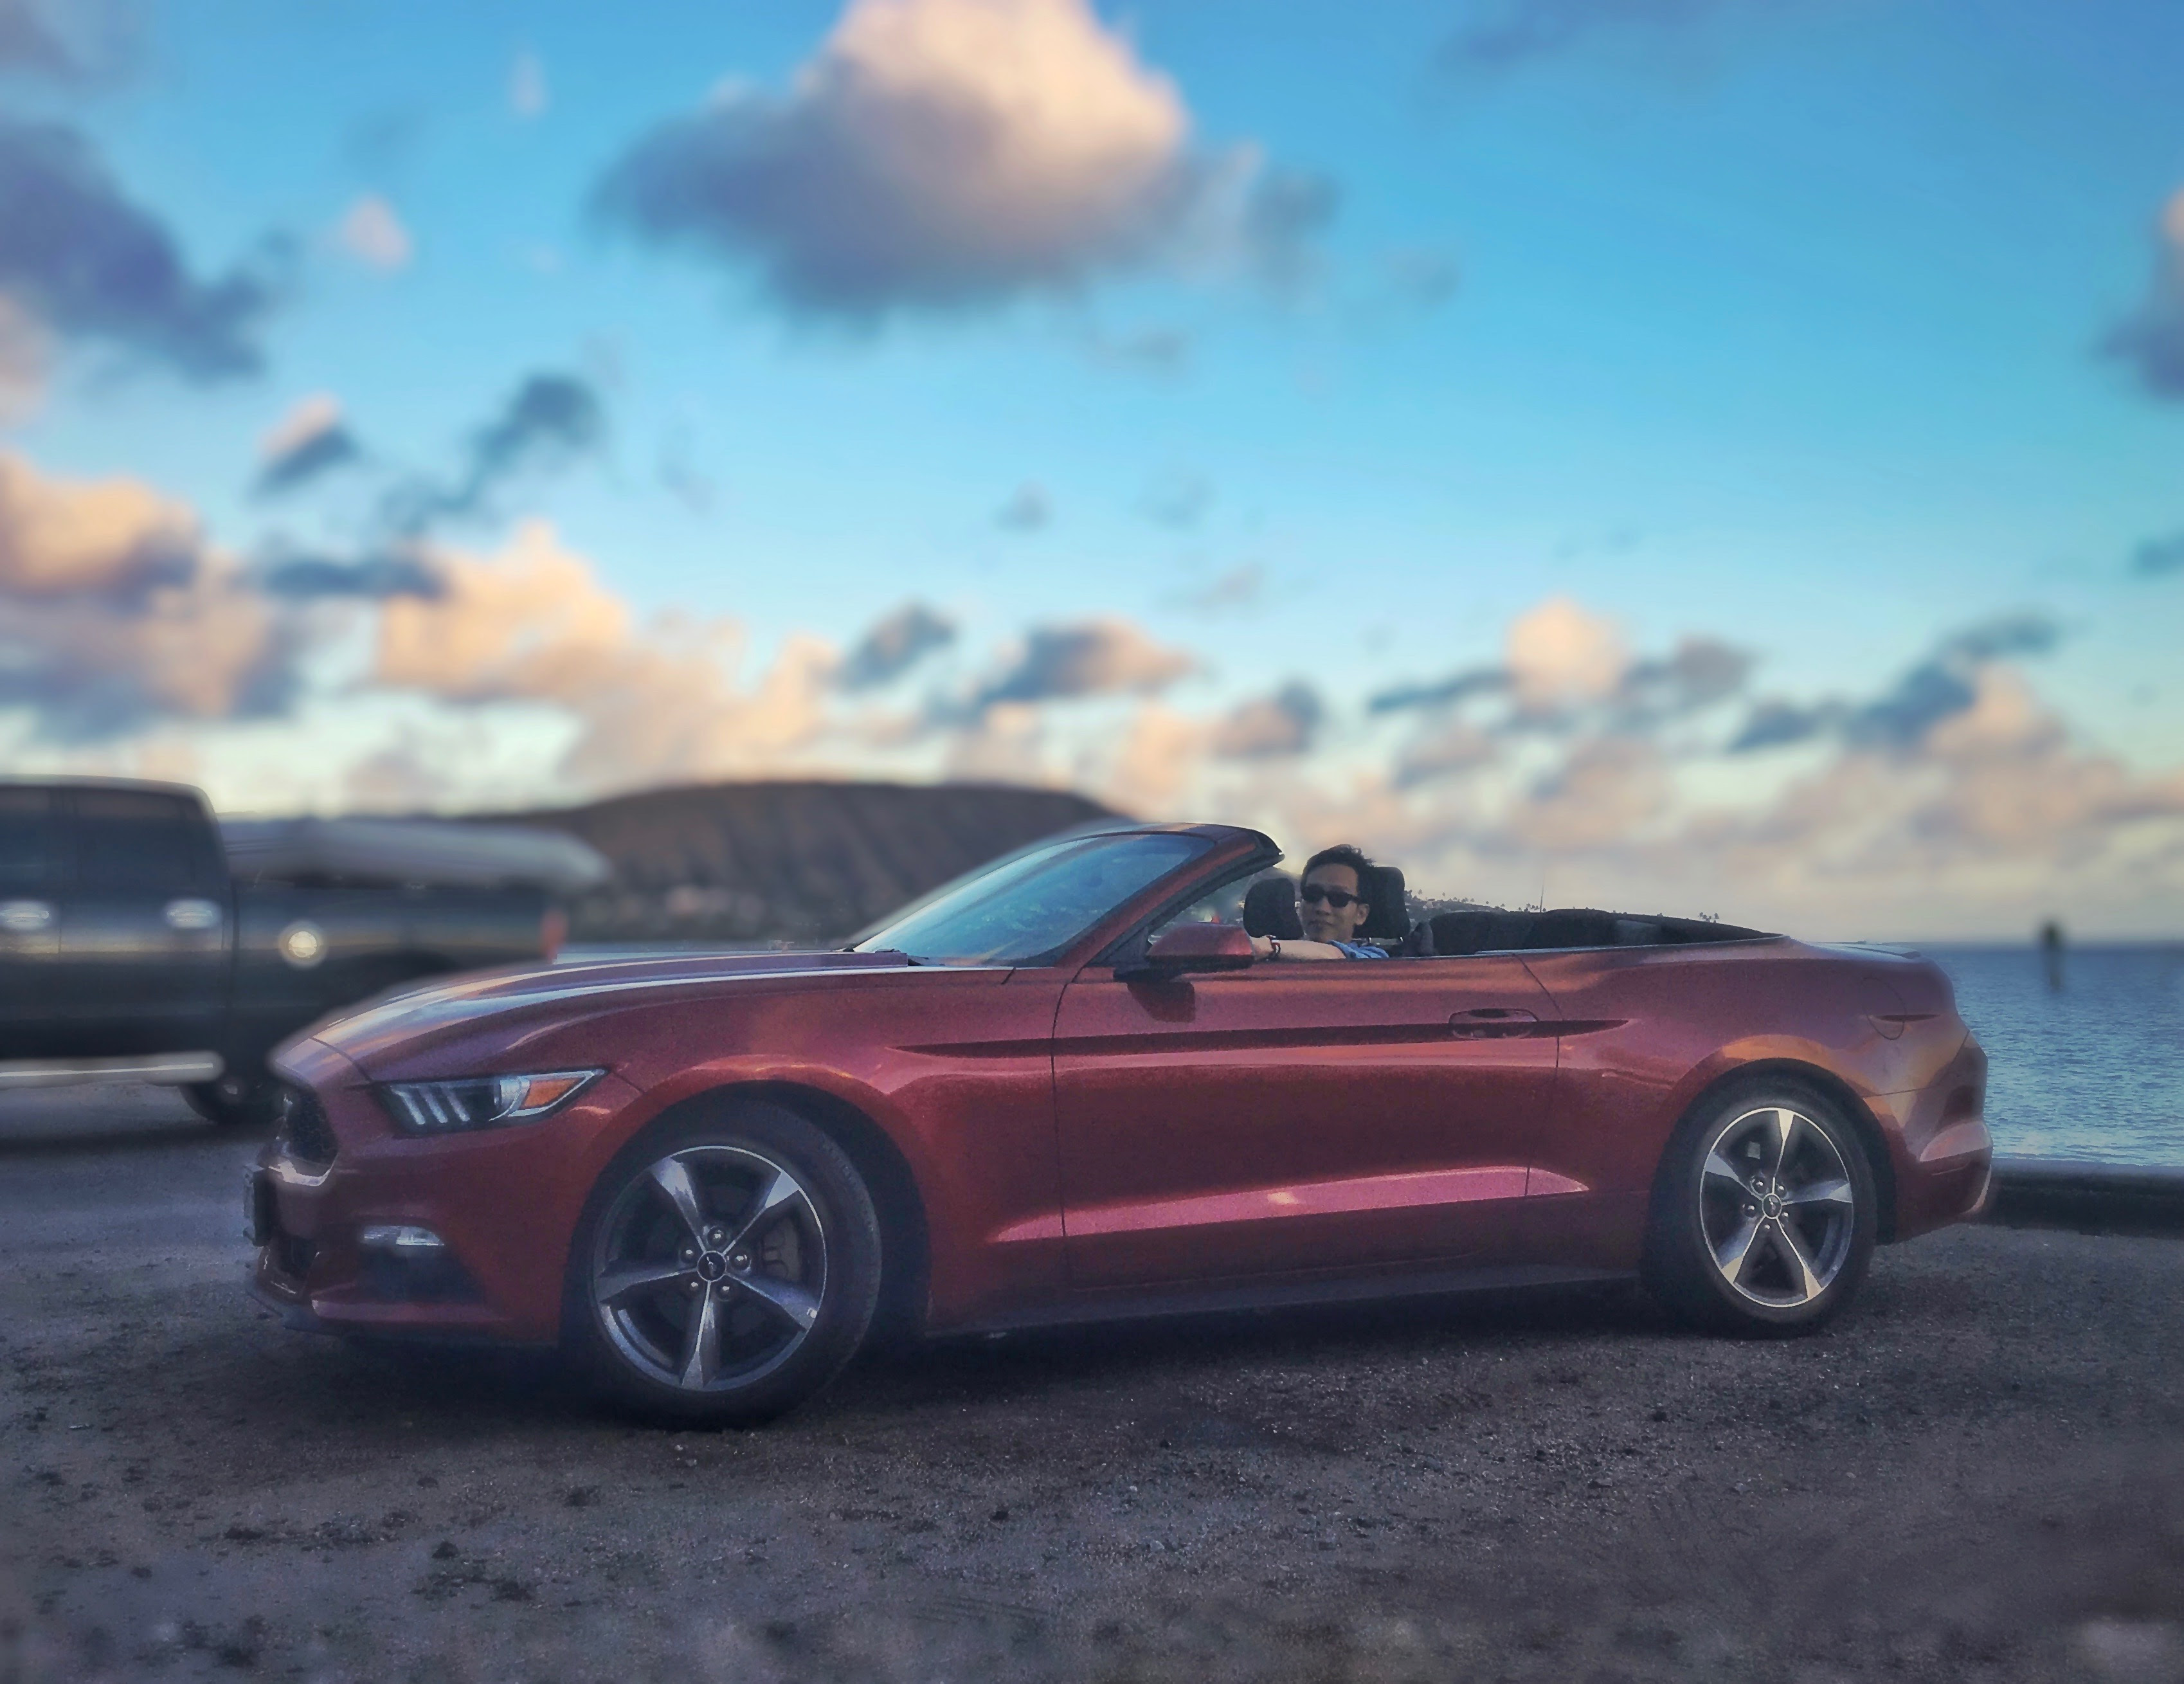 租的 Mustang